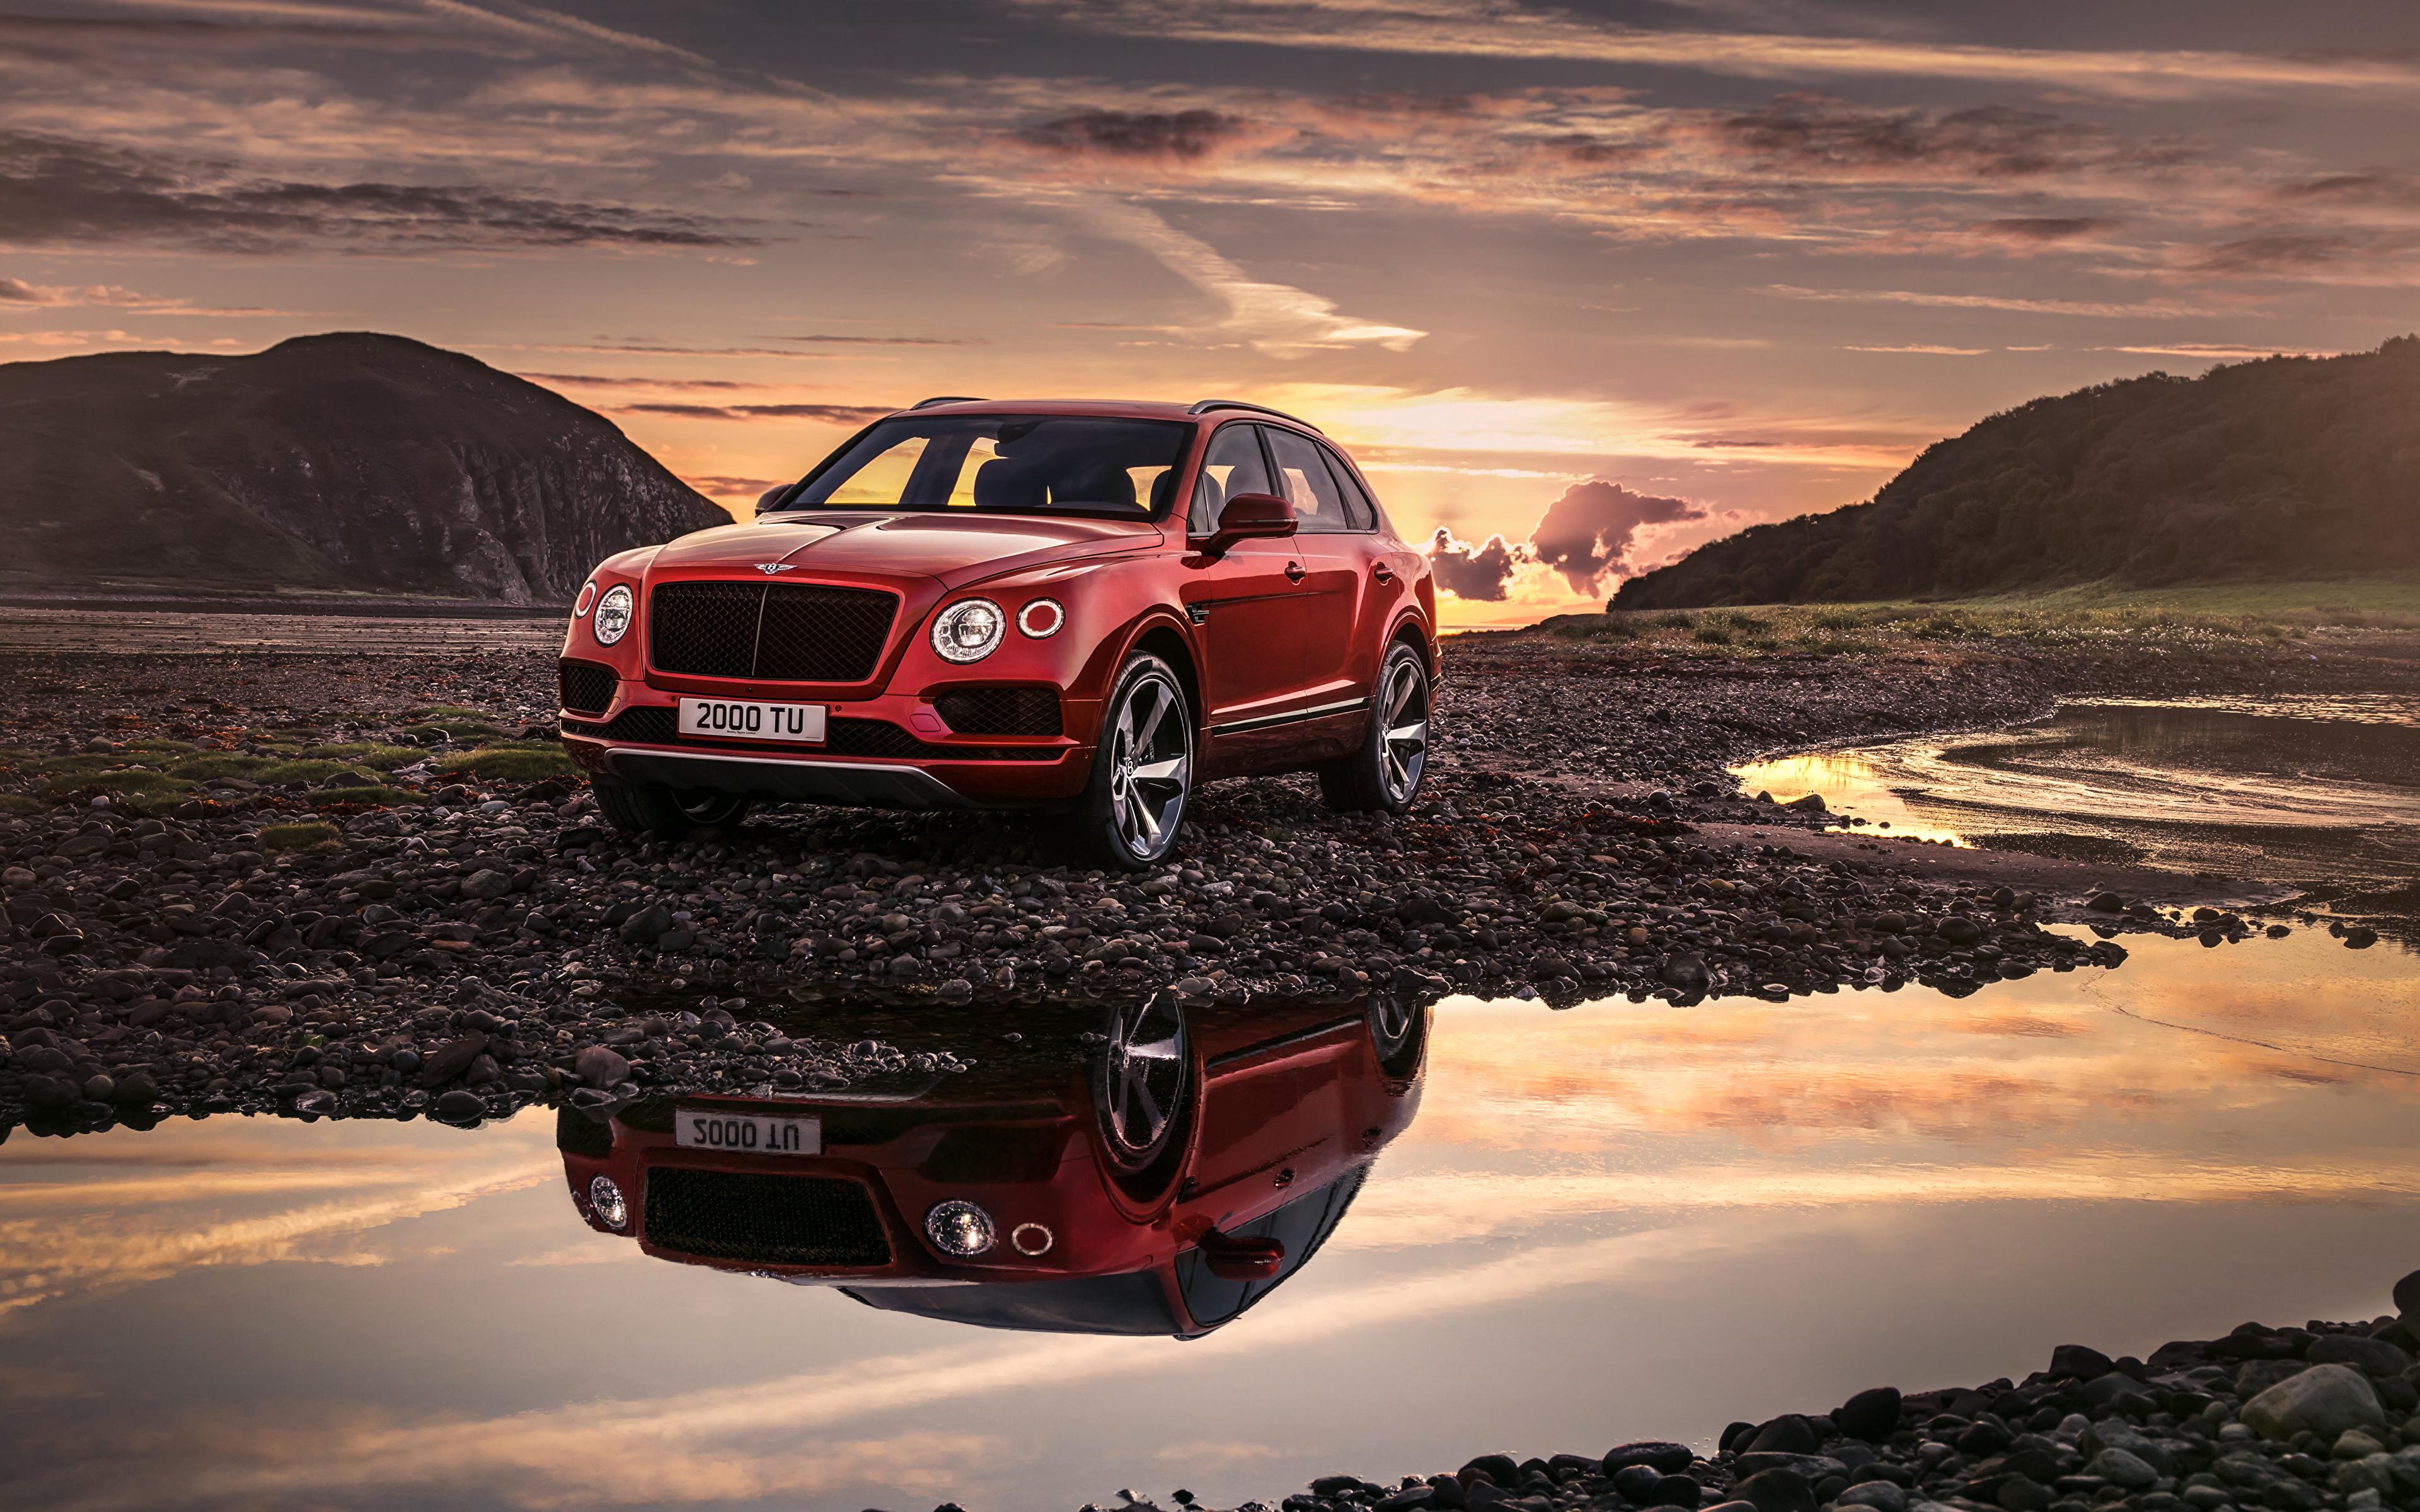 Картинка Bentley 2018 Bentayga V8 Worldwide красных автомобиль 3840x2400 Бентли красная красные Красный авто машины машина Автомобили